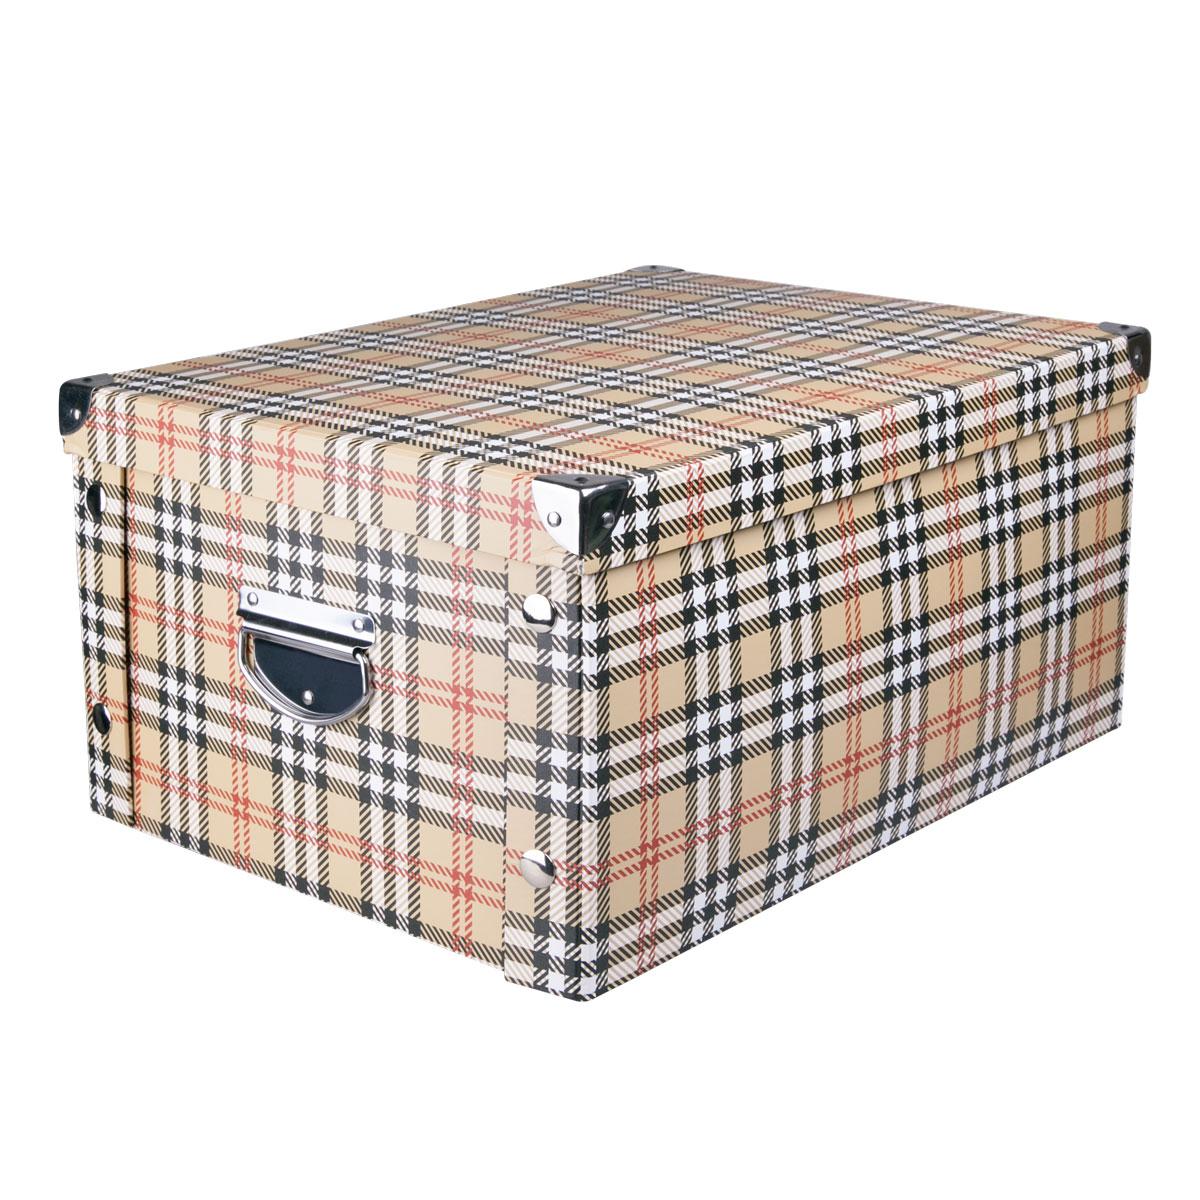 Коробка для хранения Miolla, 40 х 30 х 20 см. CFB-07CFB-07Коробка для хранения Miolla прекрасно подойдет для хранения бытовых мелочей, документов, аксессуаров для рукоделия и других мелких предметов. Коробка поставляется в разобранном виде, легко и быстро складывается. Плотная крышка и удобные для переноски металлические ручки станут приятным дополнением к функциональным достоинствам коробки. Удобная крышка не даст ни одной вещи потеряться, а оптимальный размер подойдет для любого шкафа или полки. Компактная, но при этом вместительная коробка для хранения станет яркой нотой в вашем интерьере.